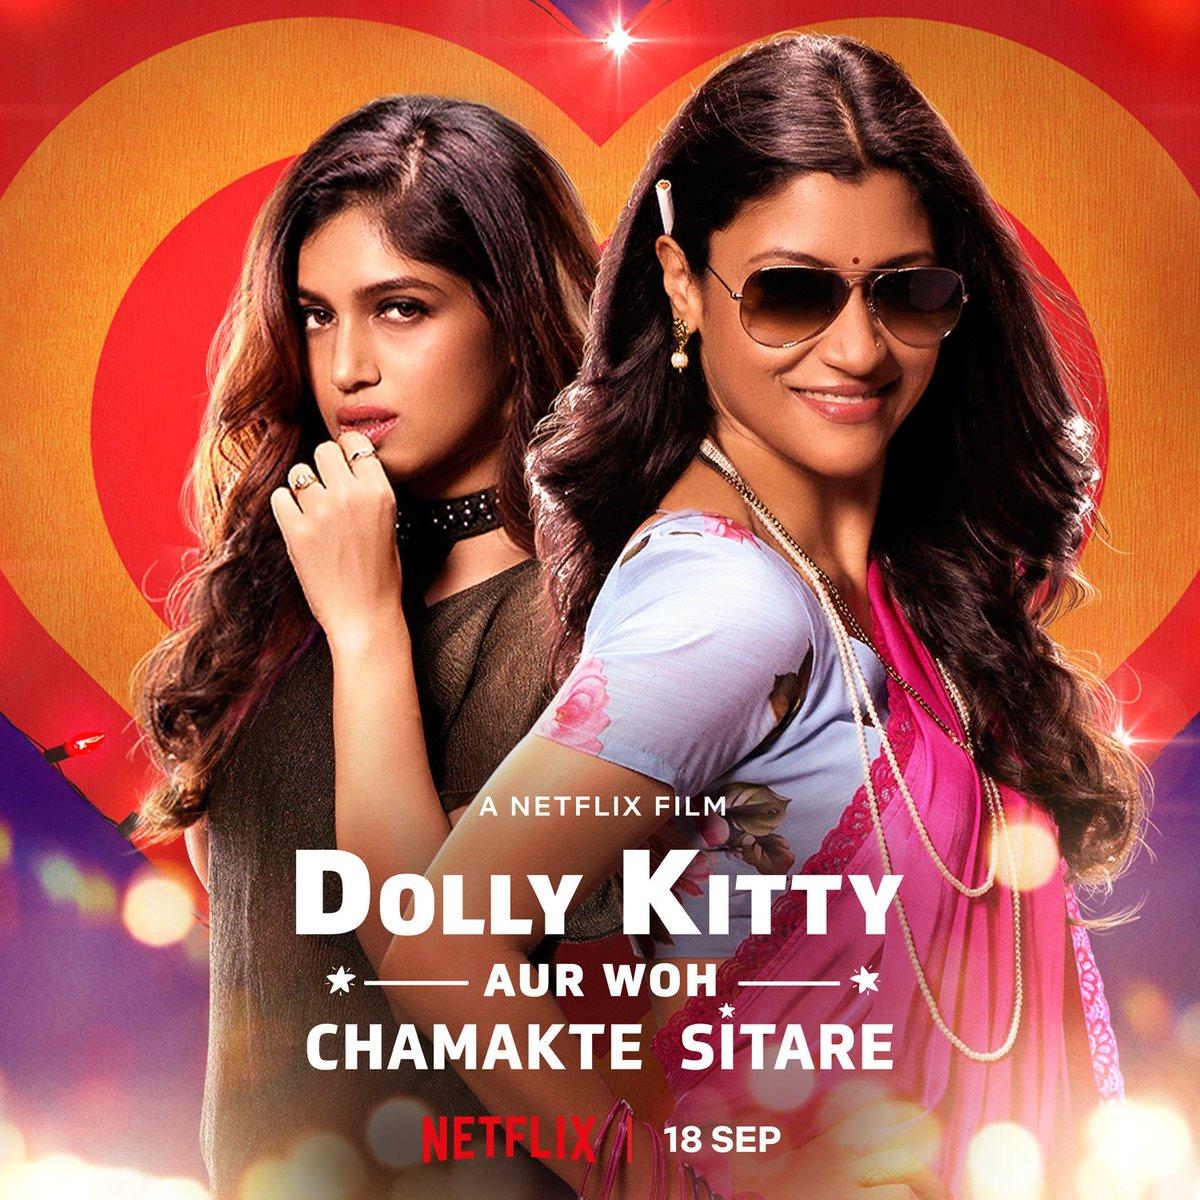 #DollyKittyAurWohChamakteSitare by @alankrita601, feat. @konkonas @bhumipednekar @masseysahib @amolparashar @kkundrra @KubbraSait #NeelimaAzim and @AamirBashir, premieres Sept 18th on @NetflixIndia.  Trailer out tomorrow.  @ektaravikapoor @balajimotionpic